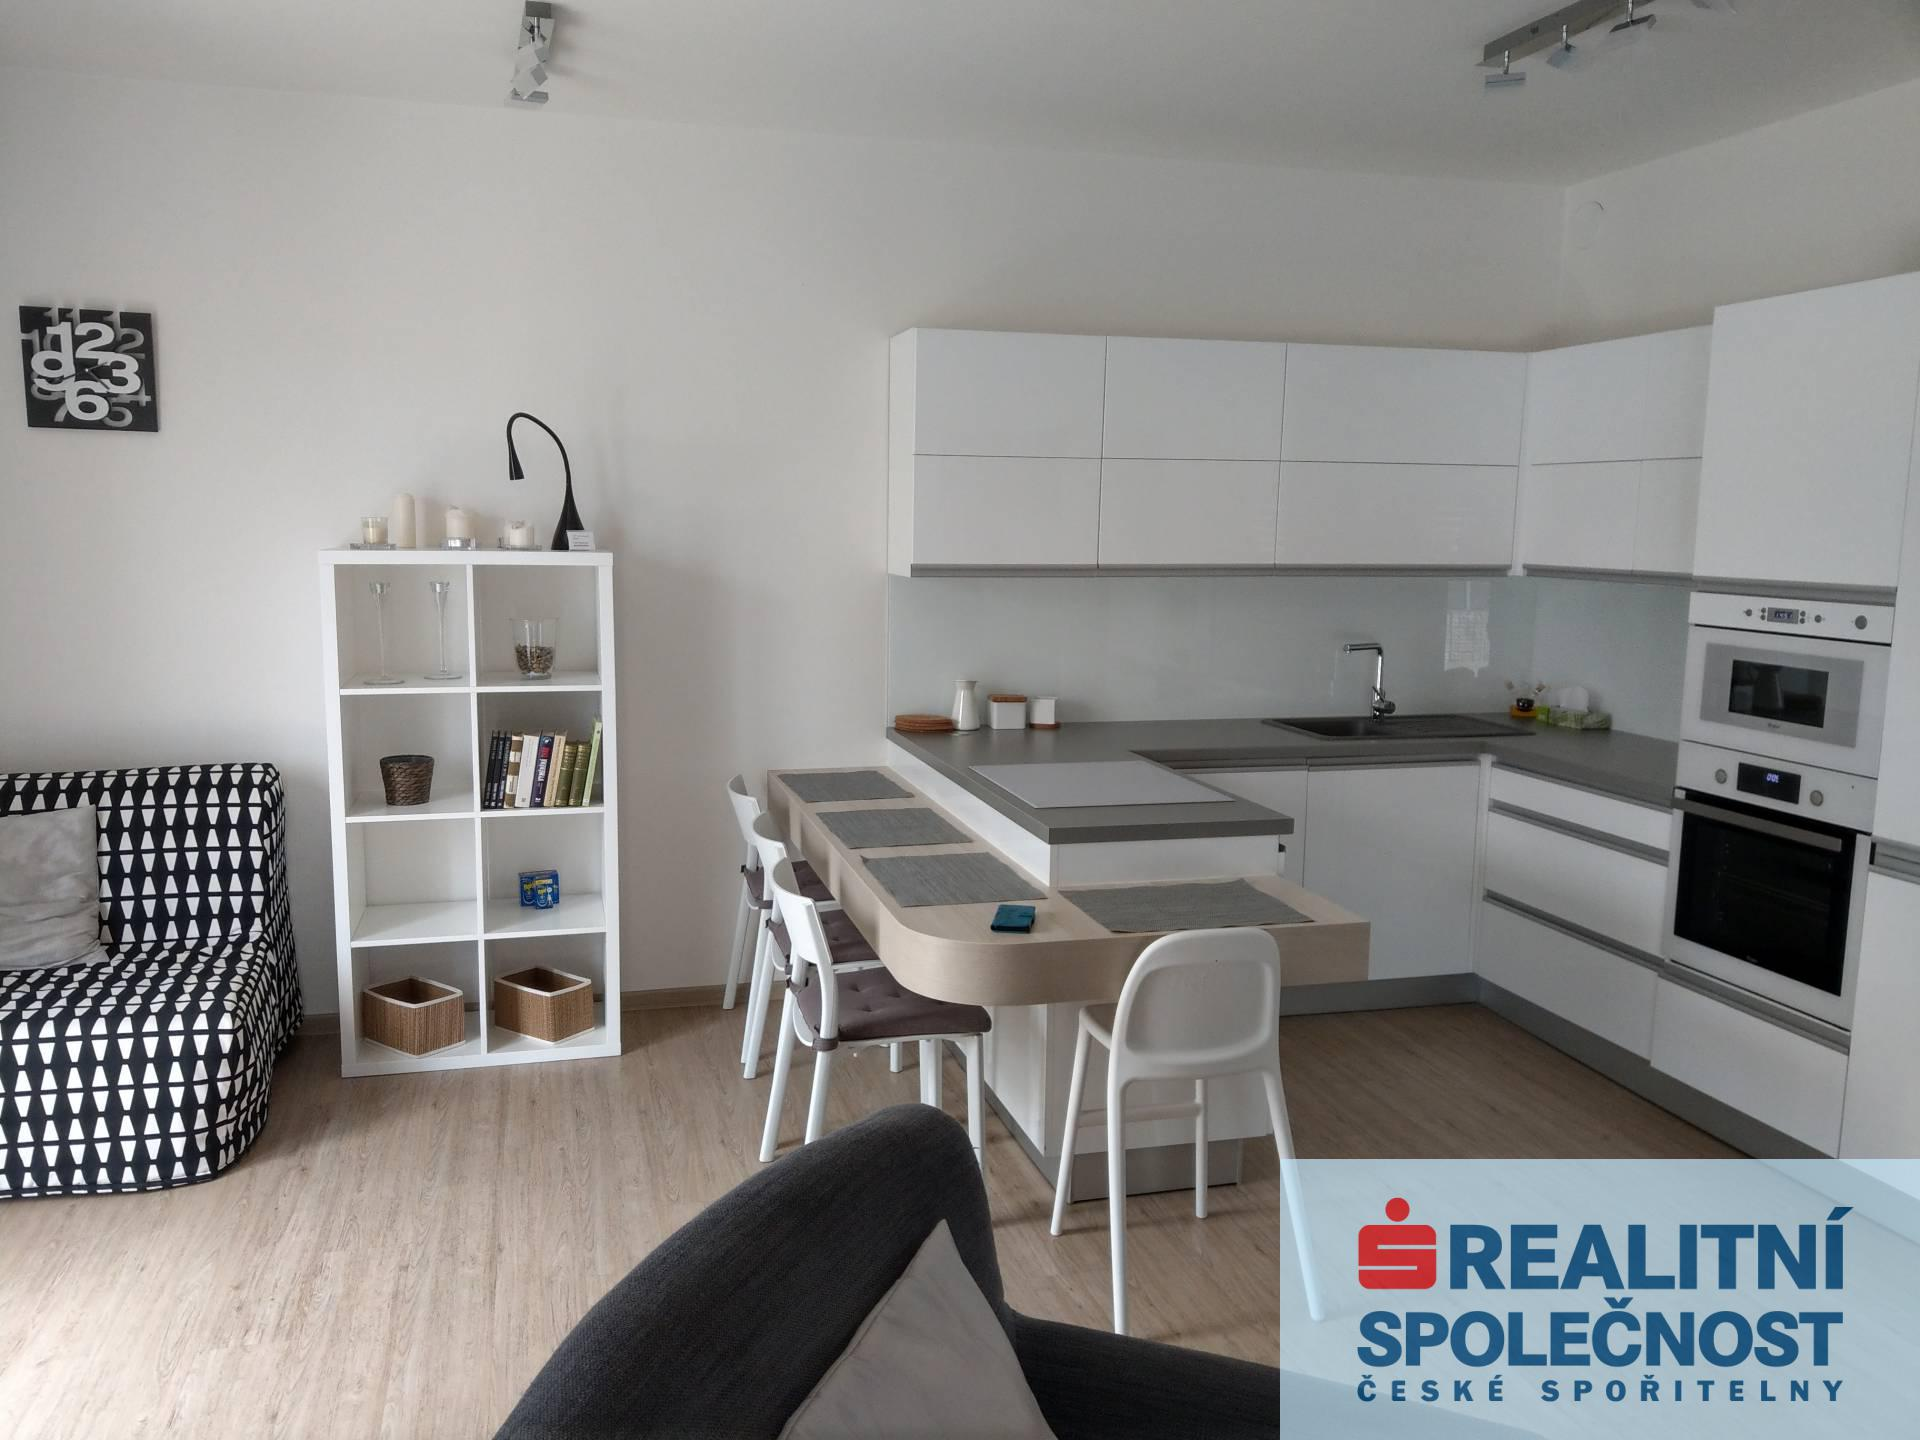 Prodej, Byt 2+kk, Nová Karolina, terasa, předzahrádka, Moravská Ostrava